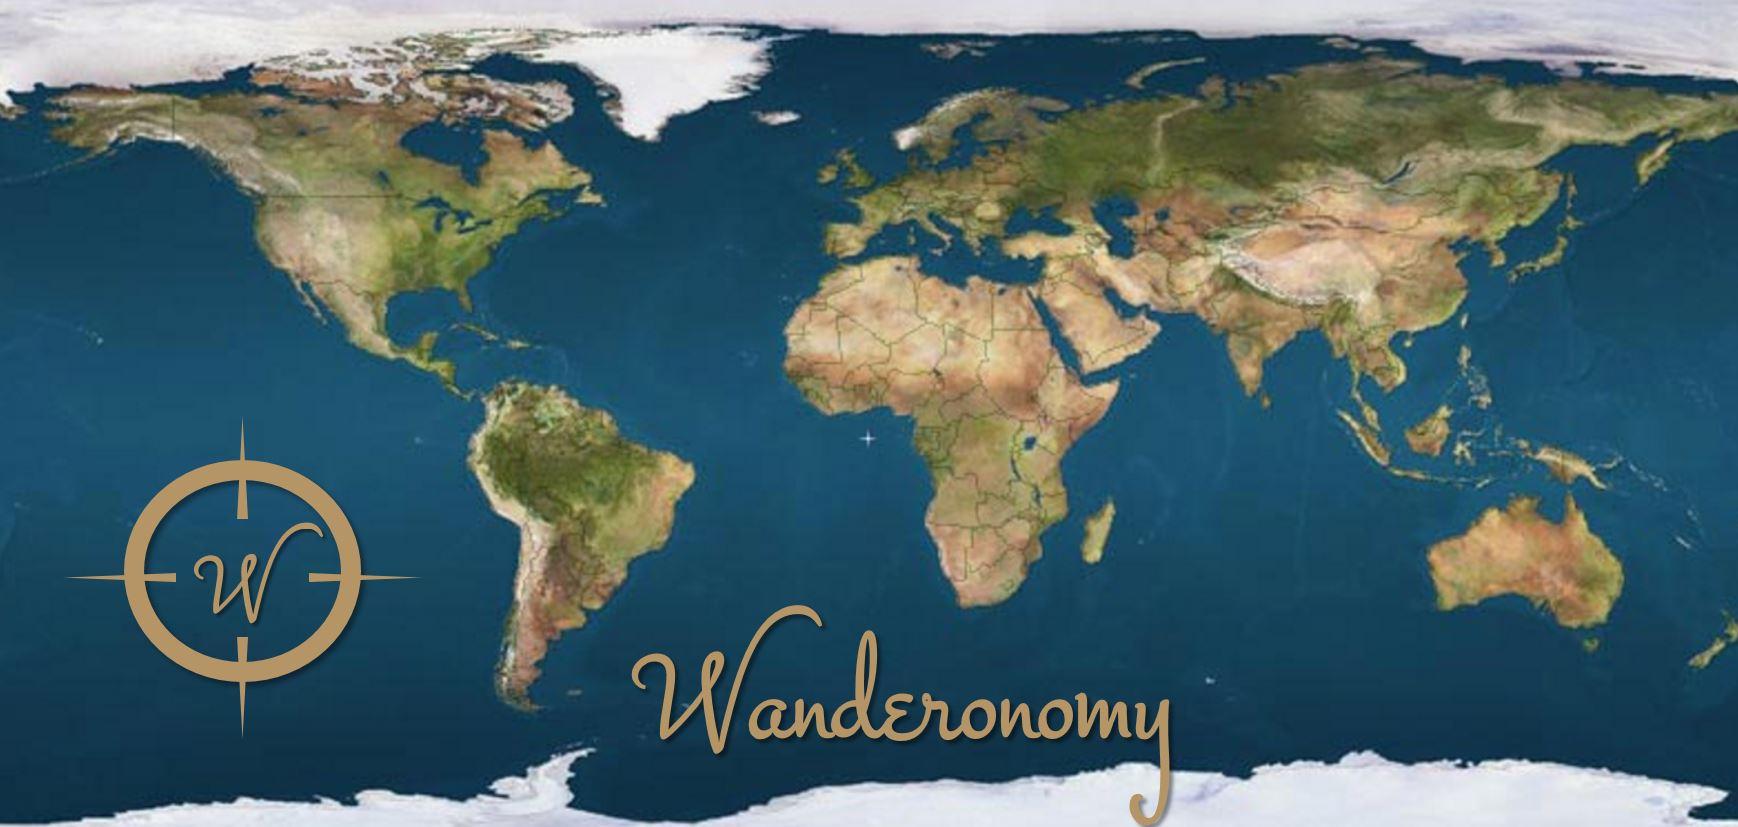 wanderonomy-main-graphic-1738×827